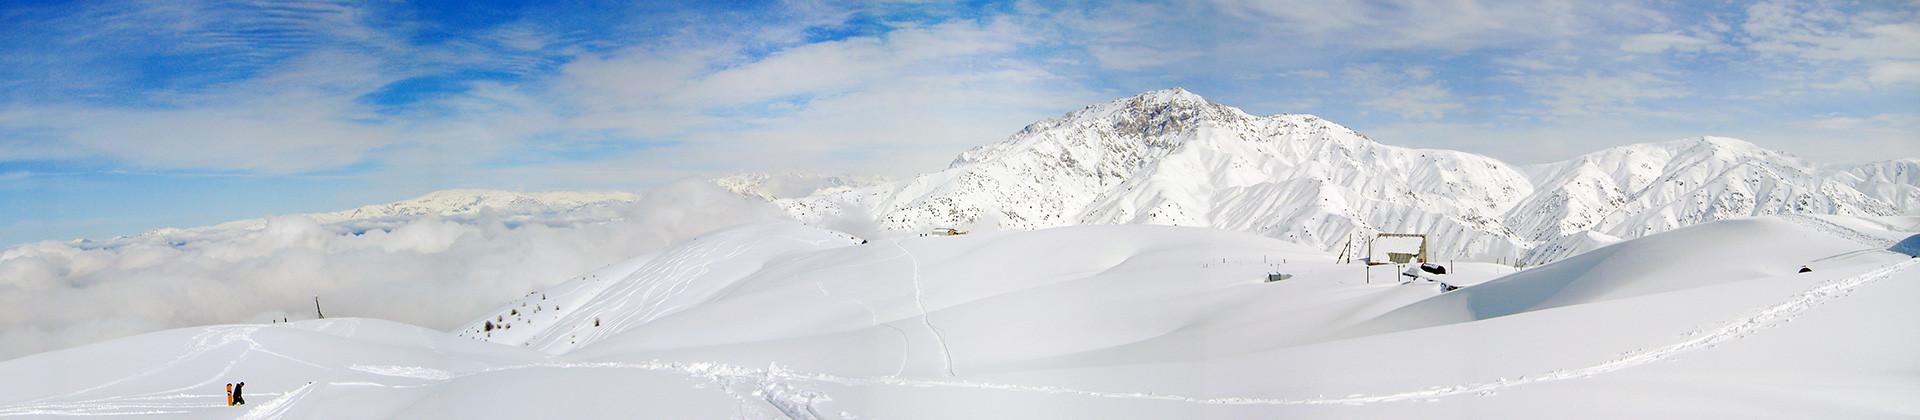 Majestic mountain peaks - 1